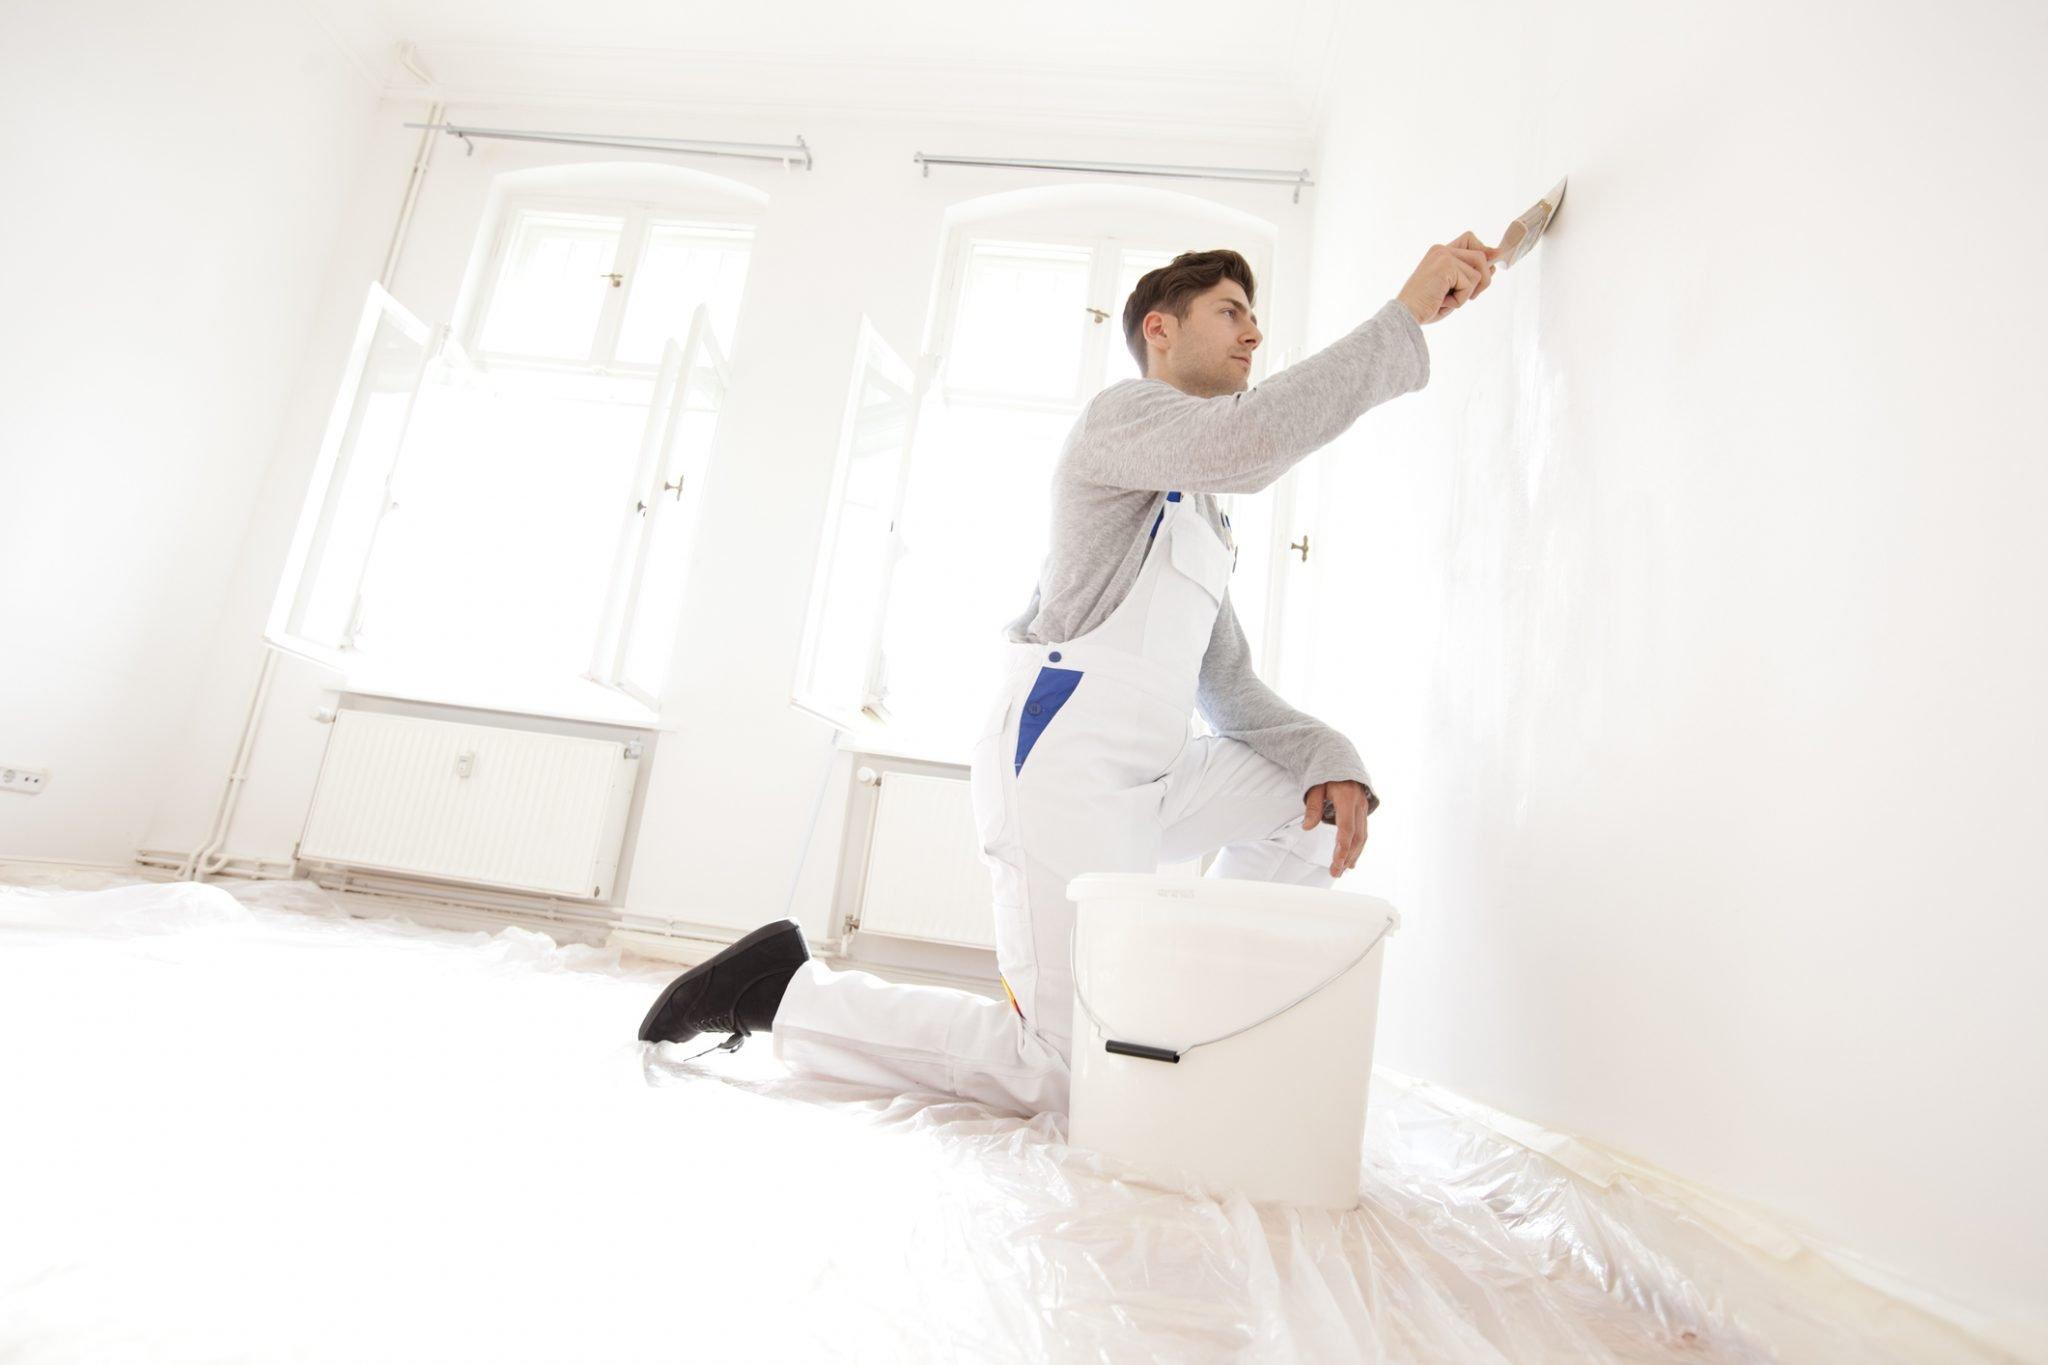 Public LIability Insurance Painters